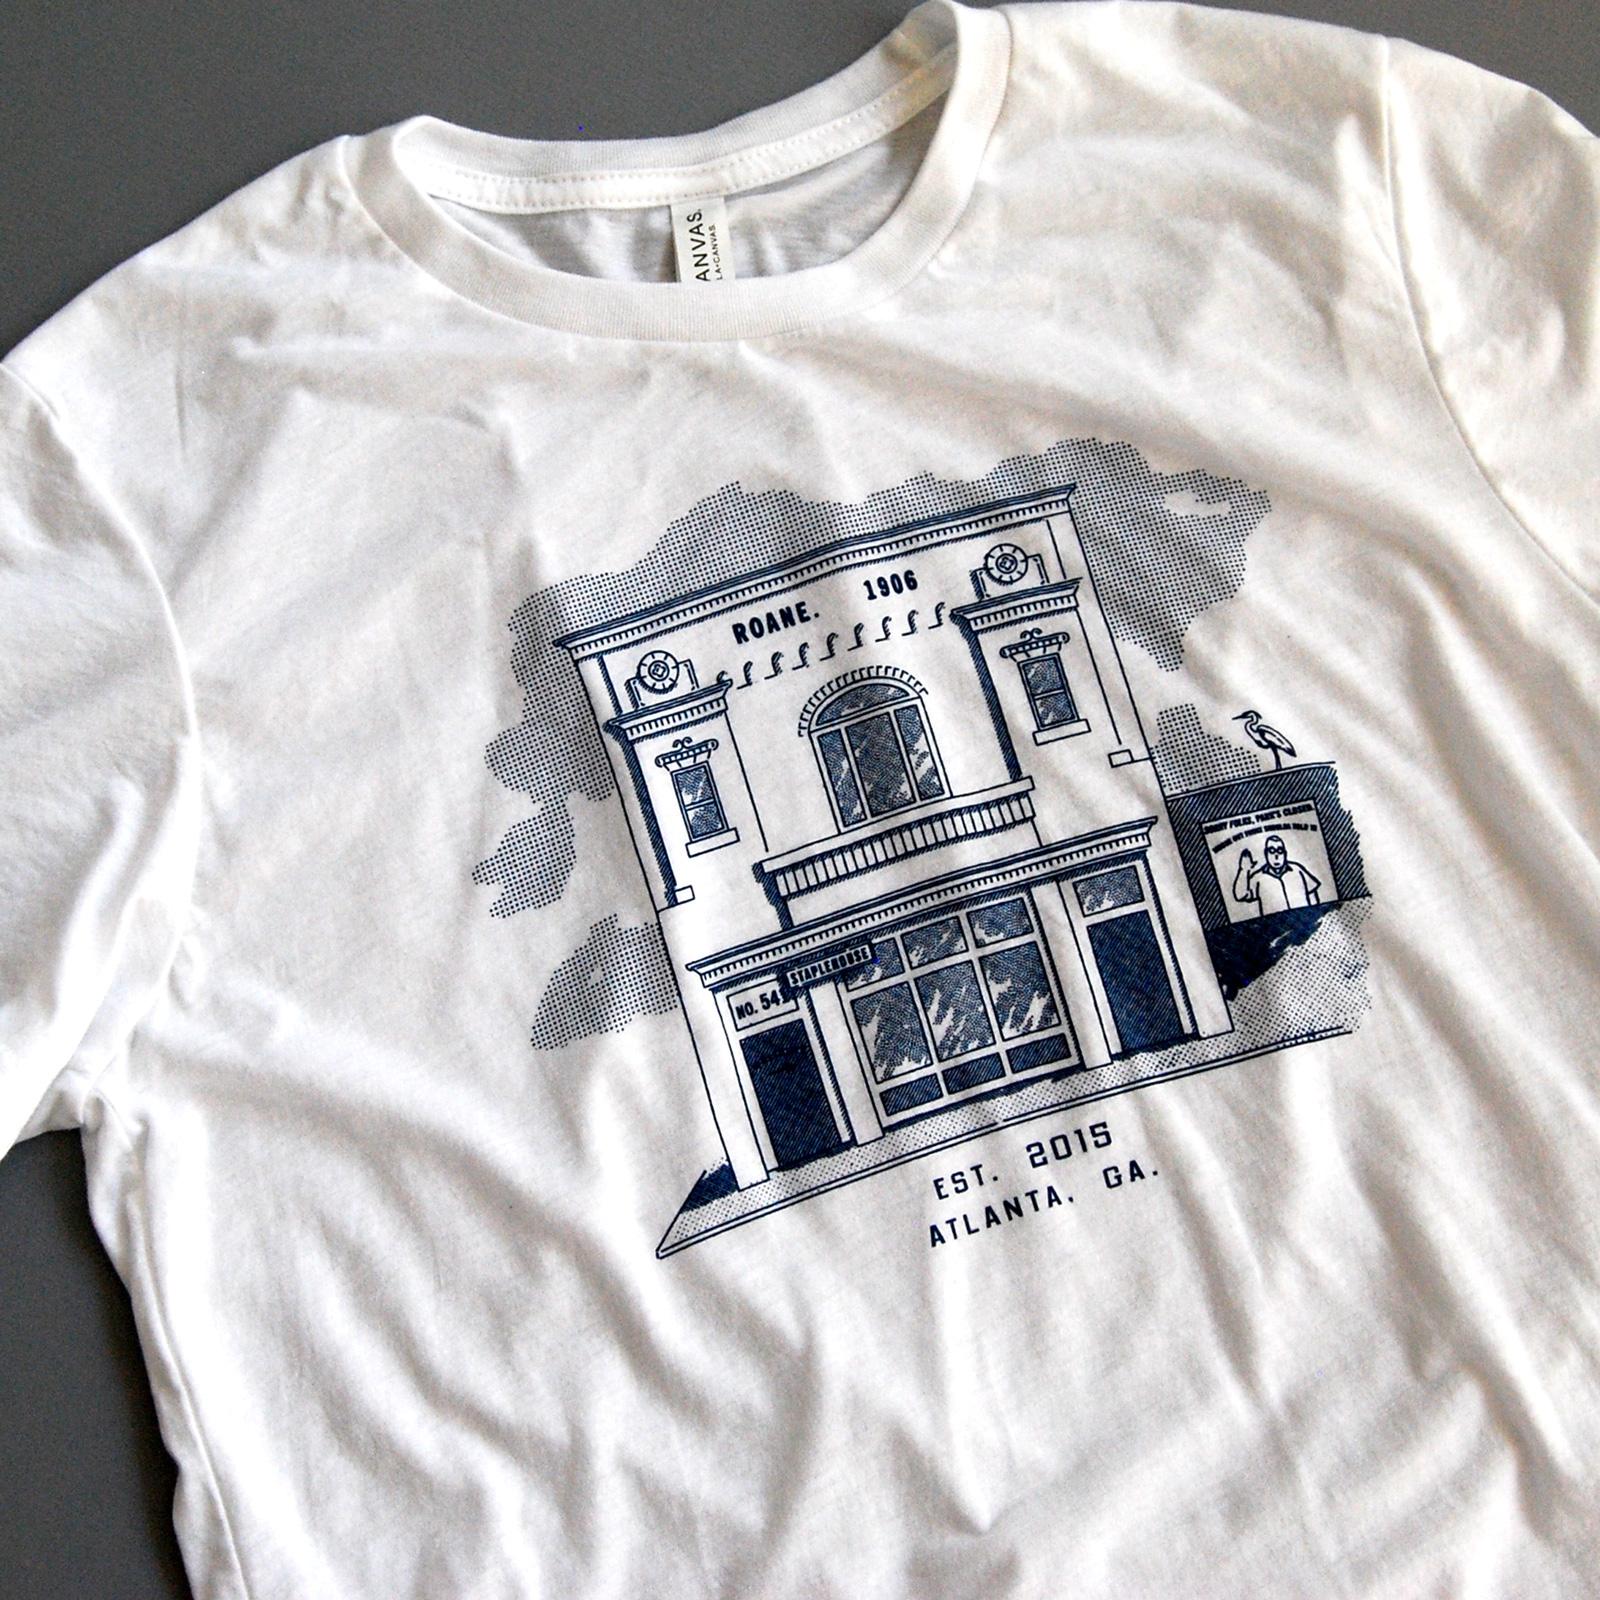 staplehouse_t-shirt_building_01.jpg